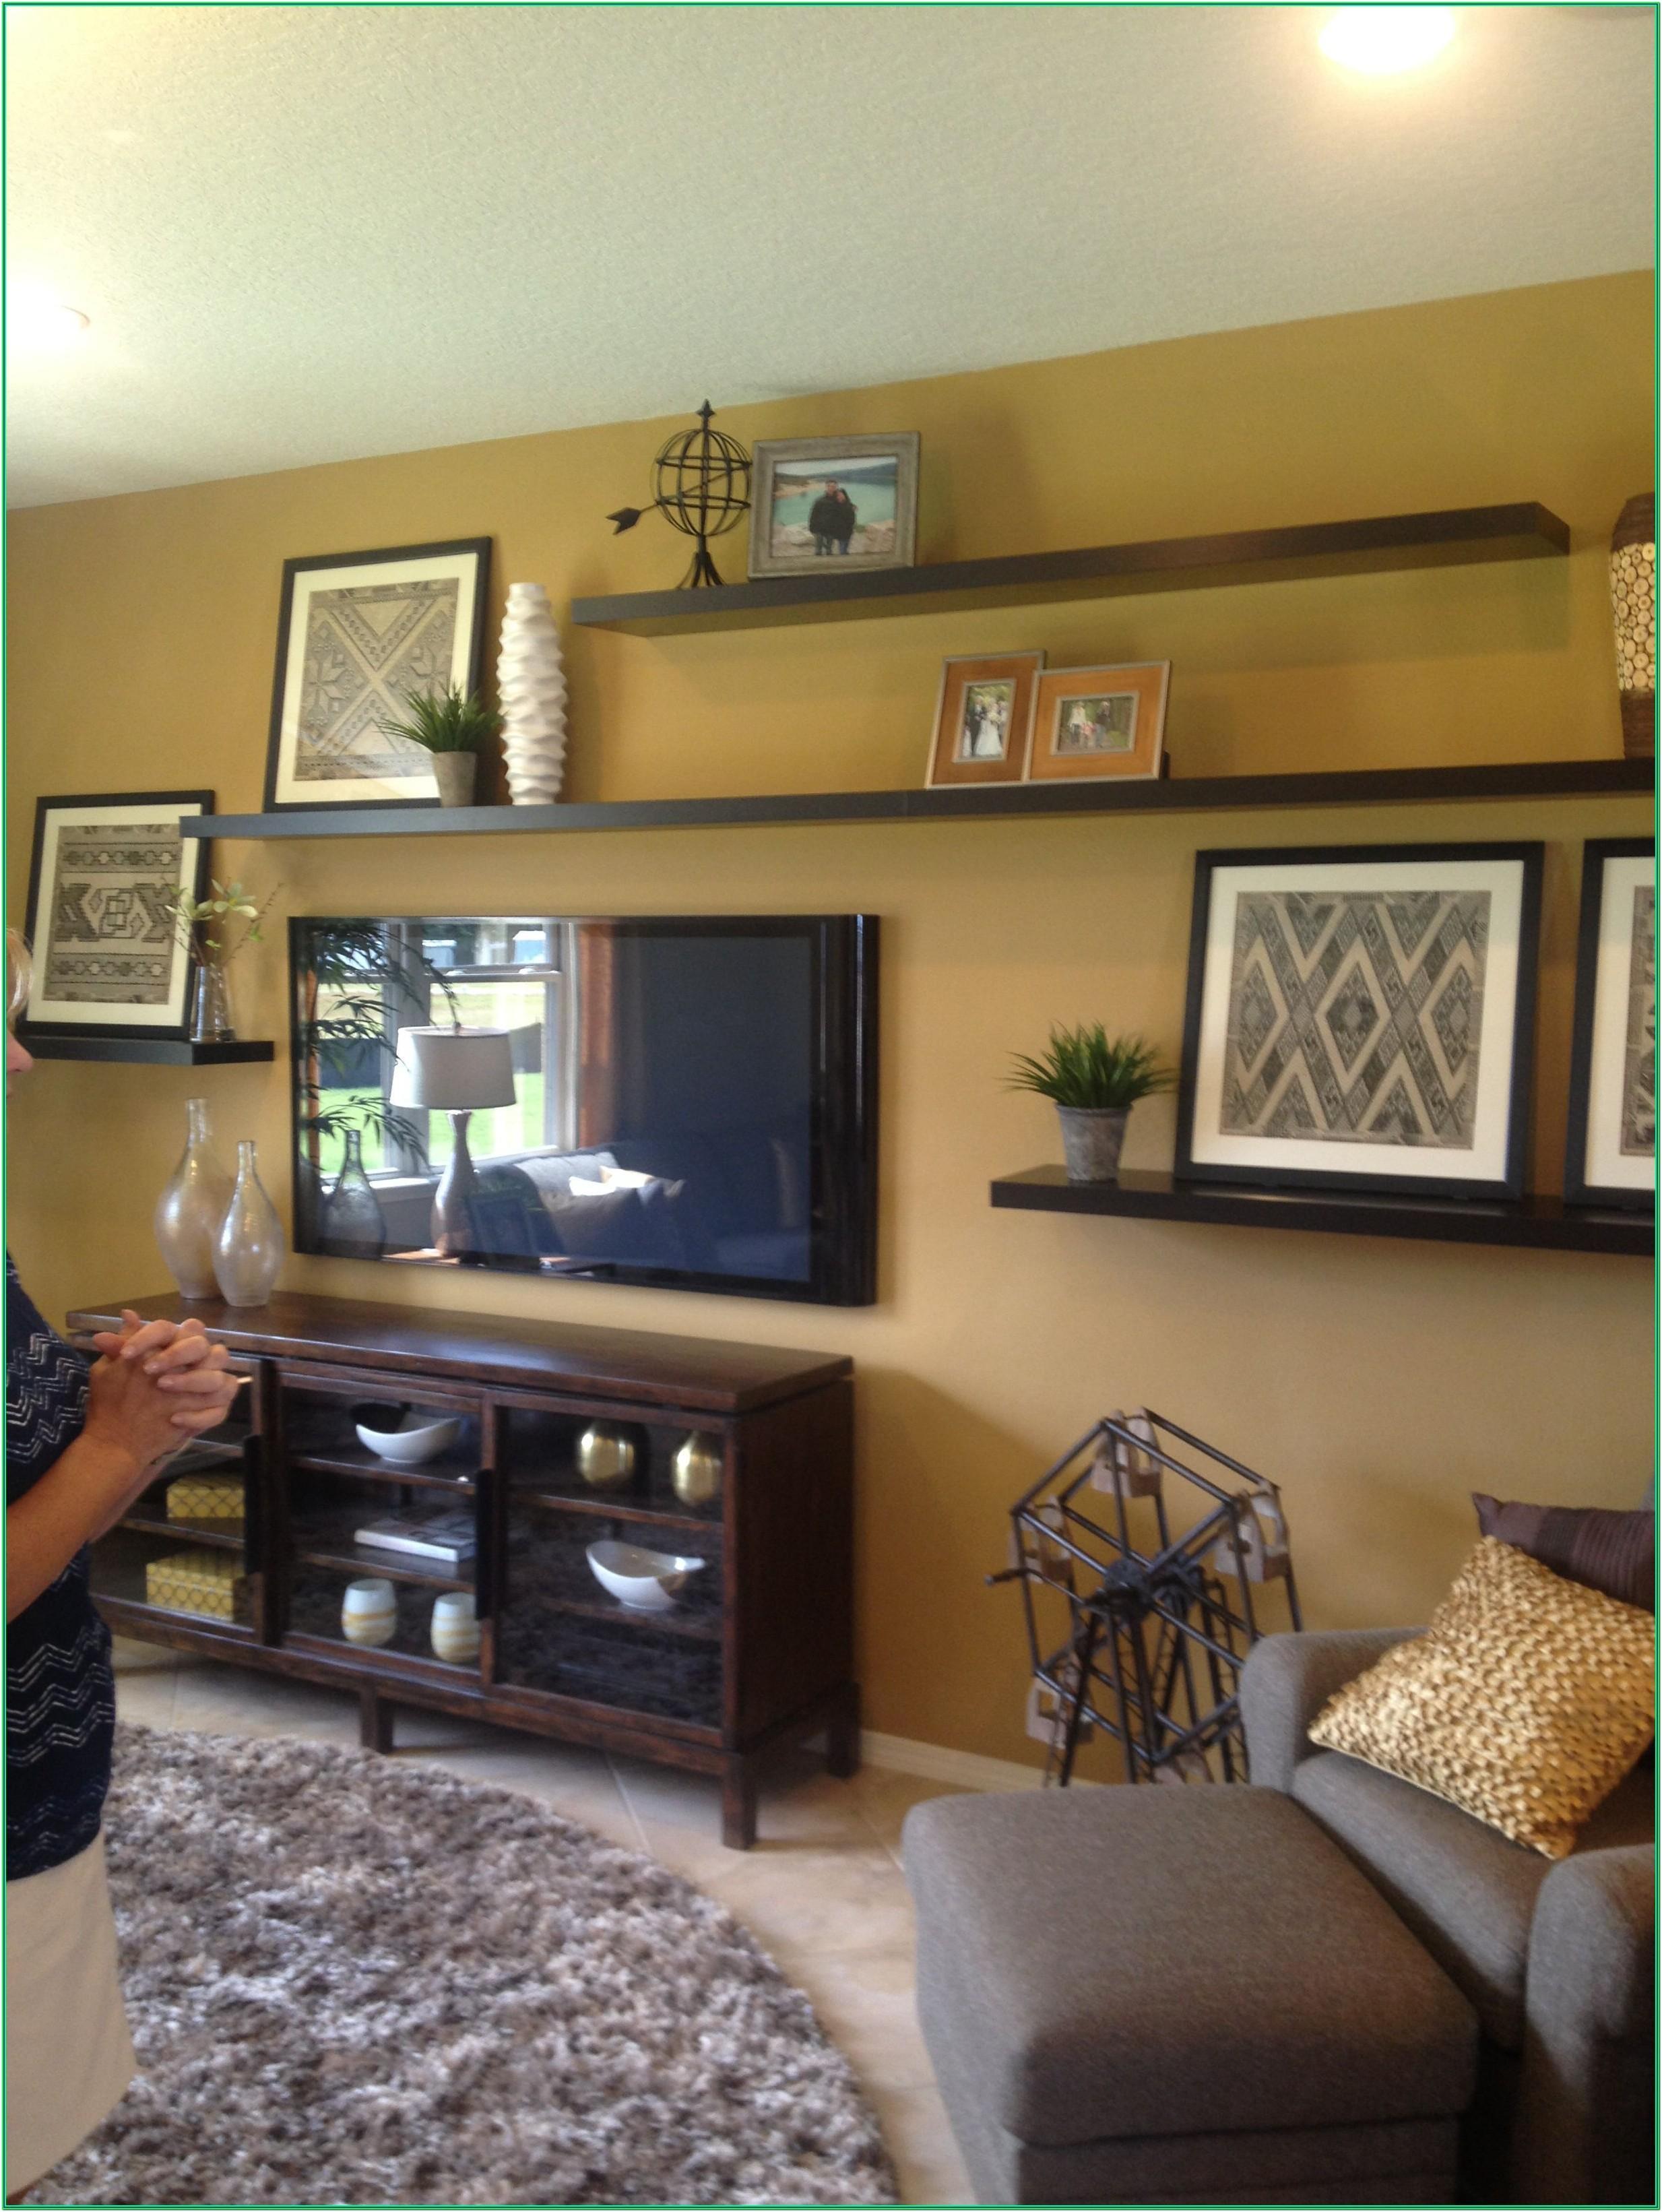 8 Ft Floating Shelves Ideas Living Room